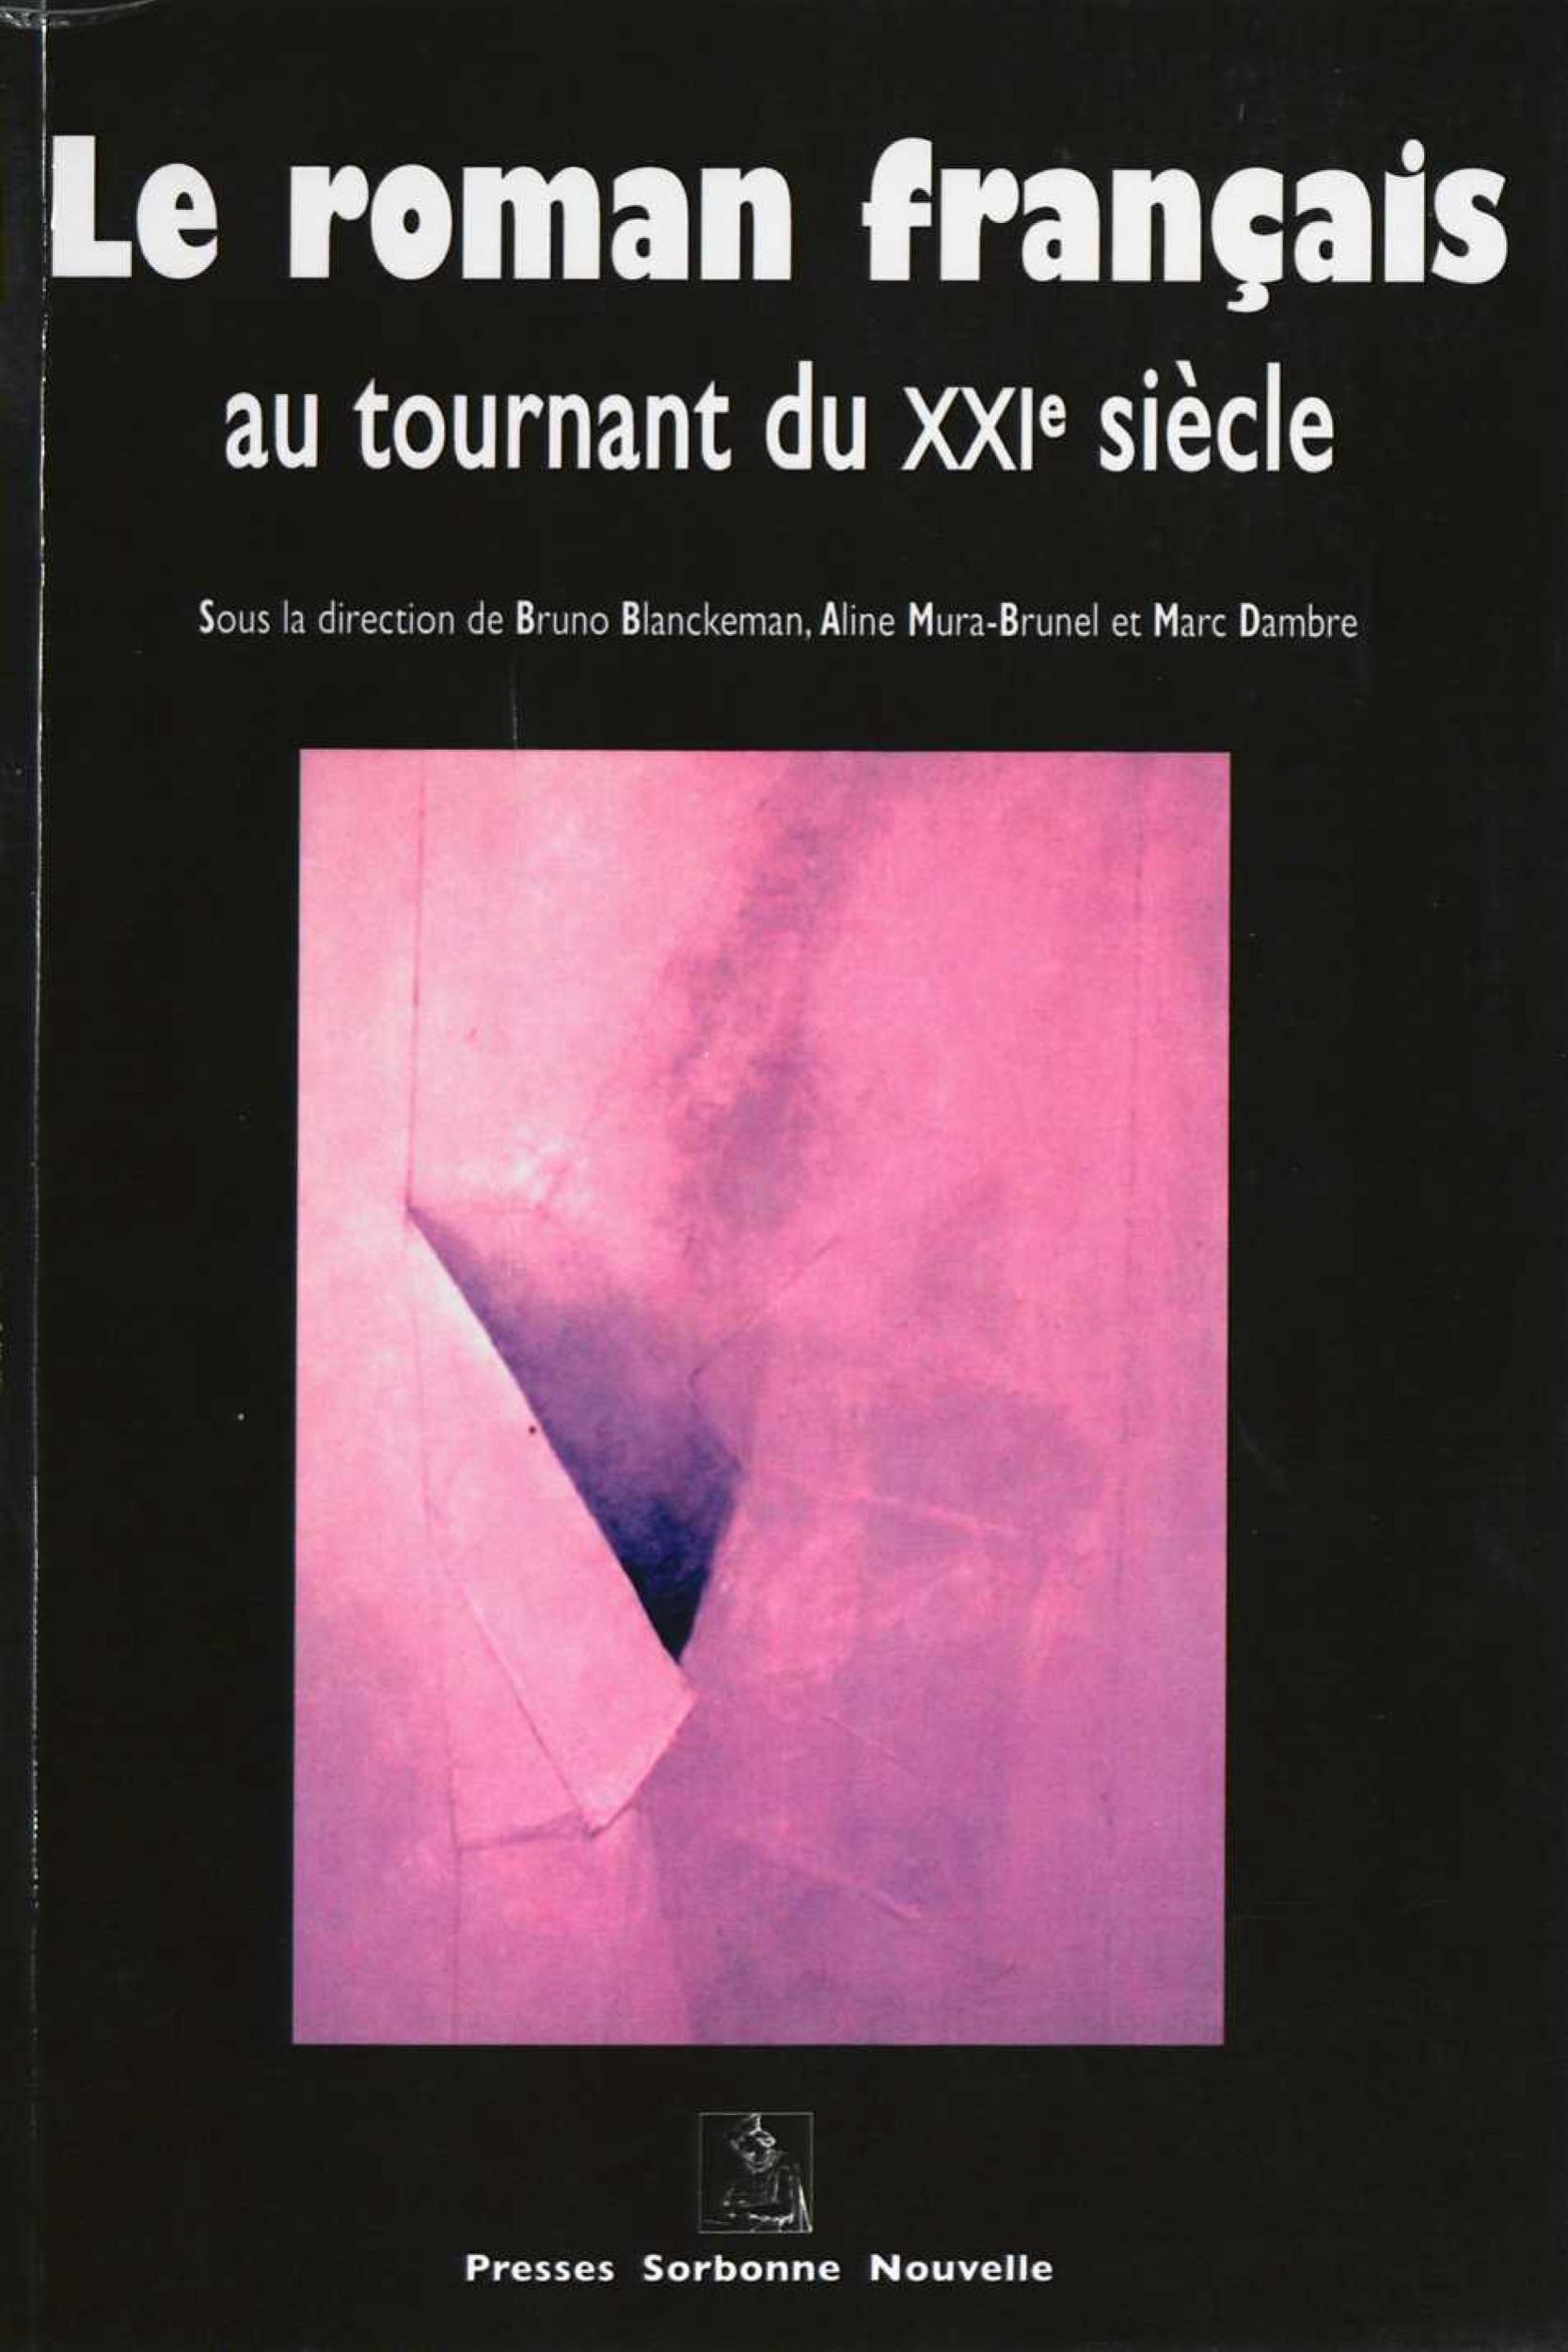 Le roman francais au tournant du xxie siecle - [actes du colloque international